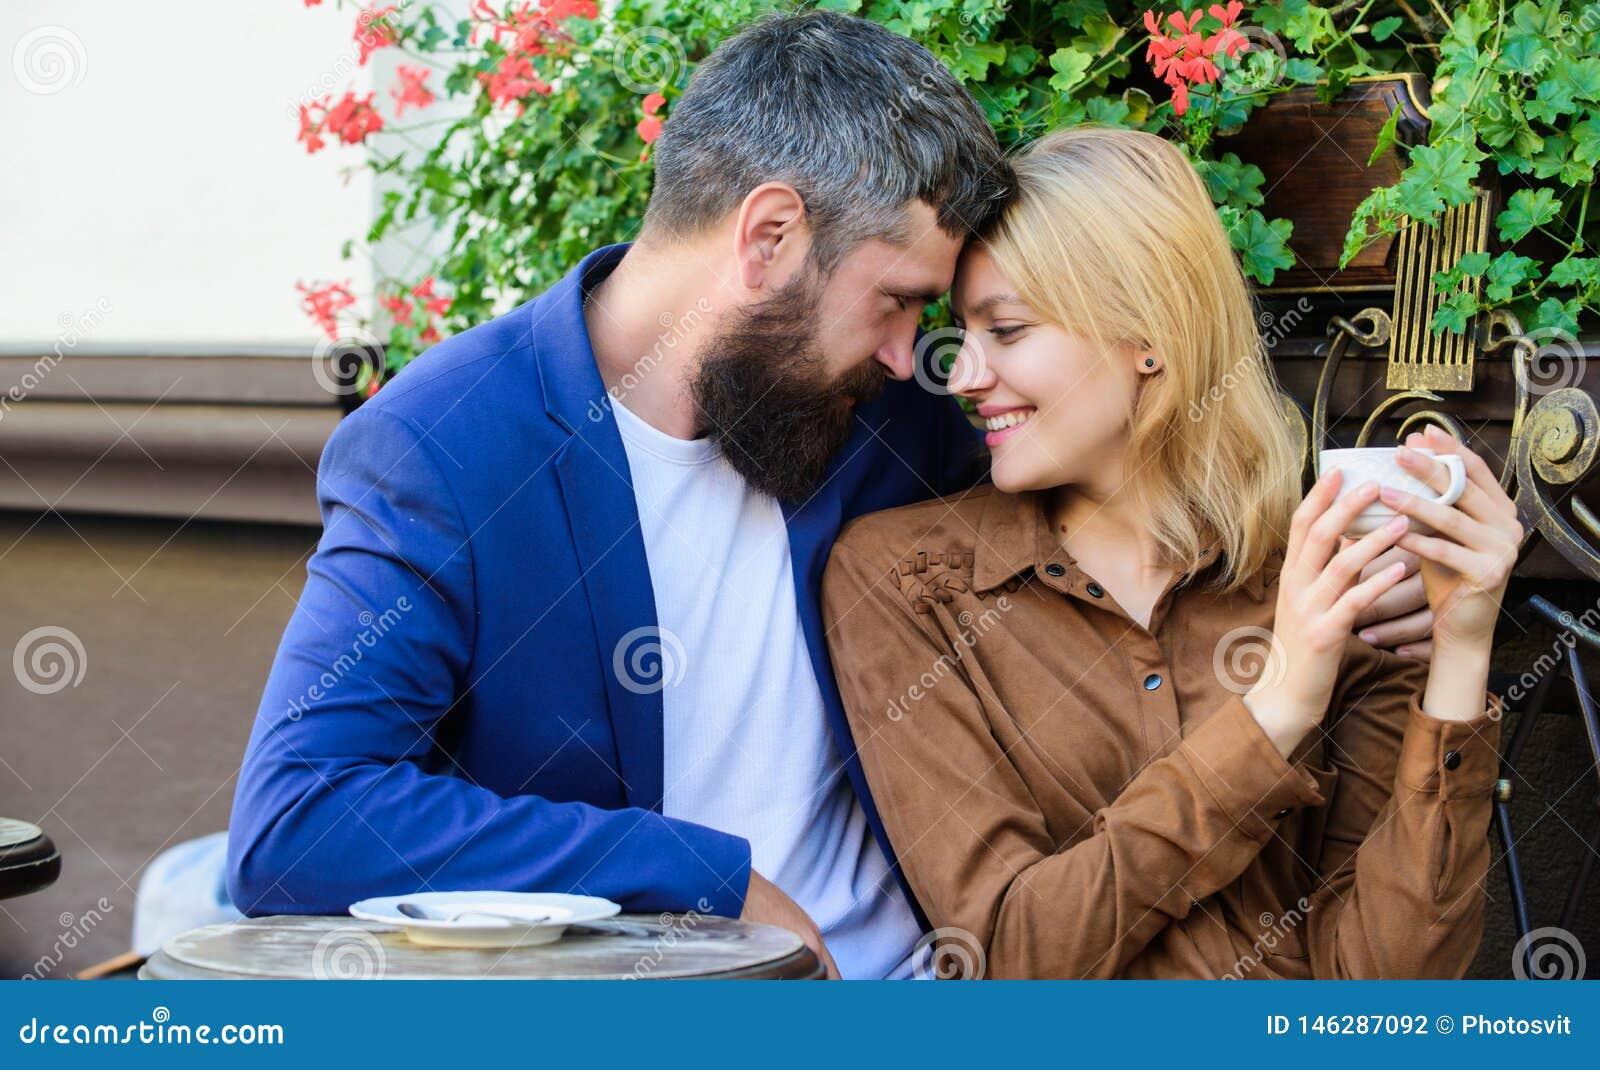 Paare in der Liebe sitzen Caf?terrasse genie?en Kaffee Angenehmes Familienwochenende Erforschen Sie Caf? und ?ffentliche Orte Ver